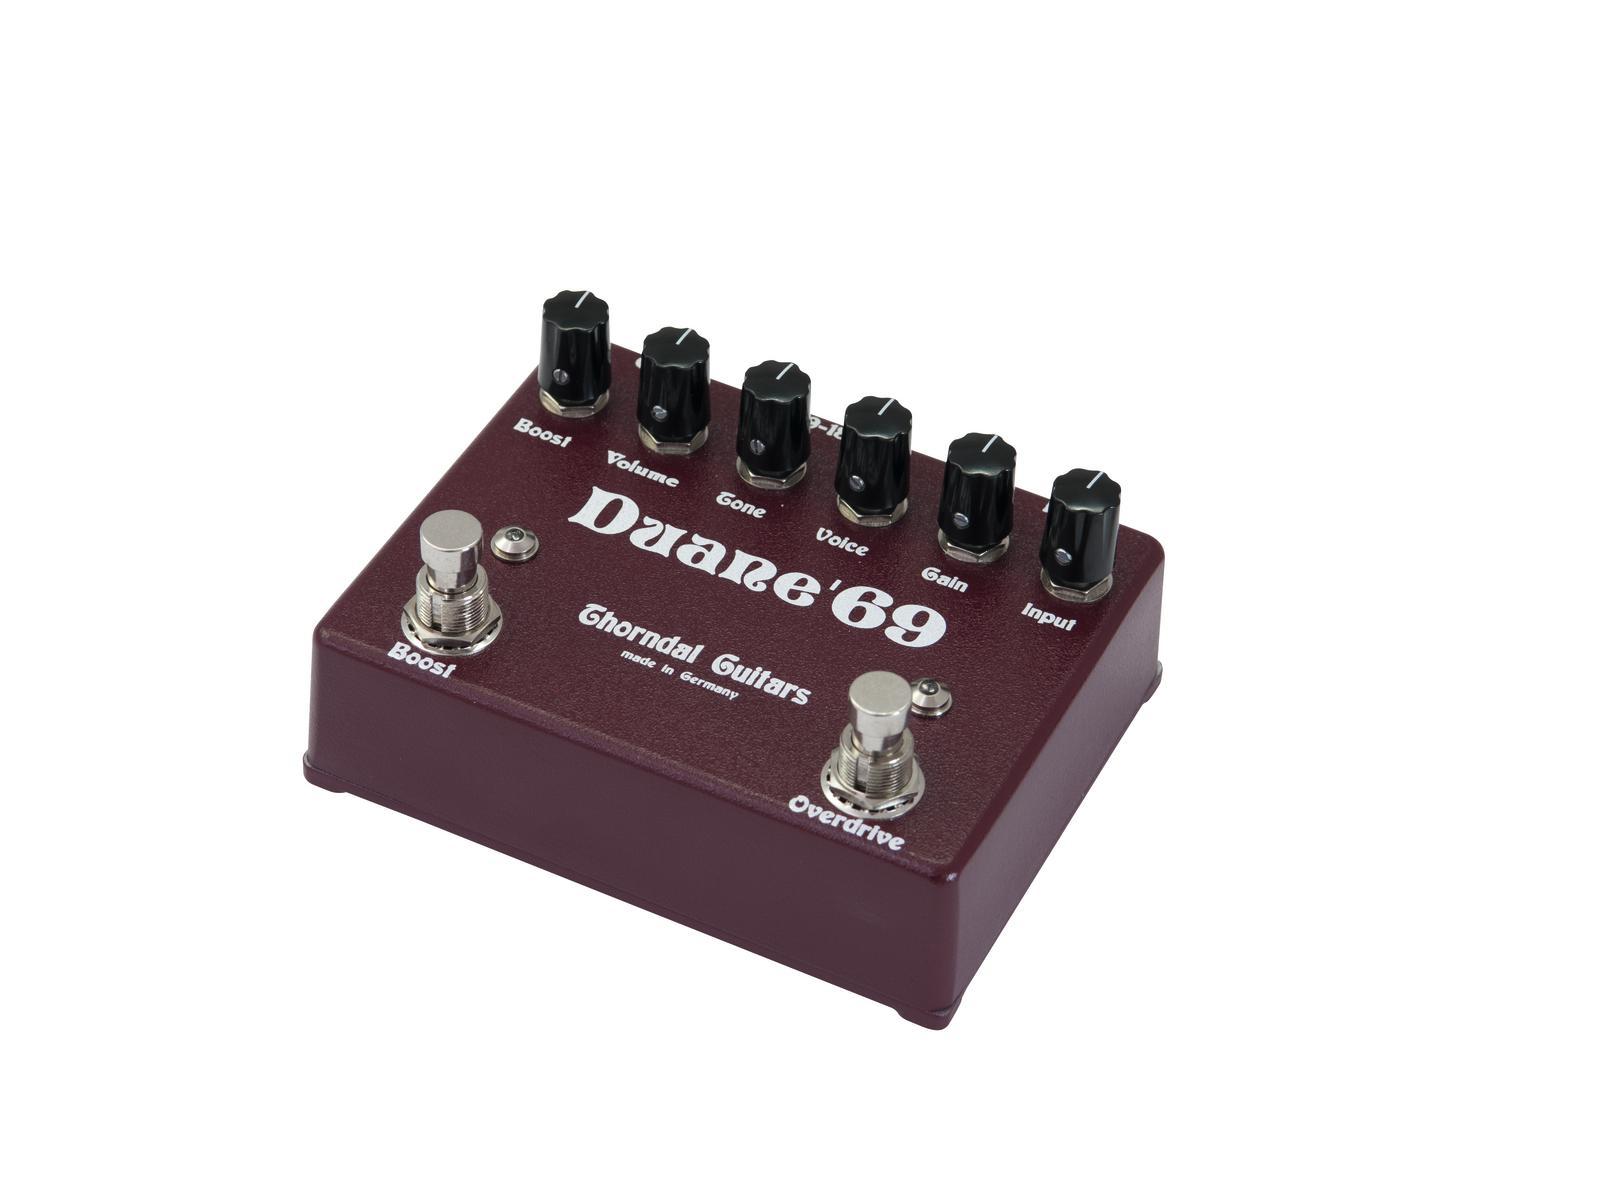 Effetto pedale Tuner per chitarra e basso Overdrive Boost THORNDAL Duane 69